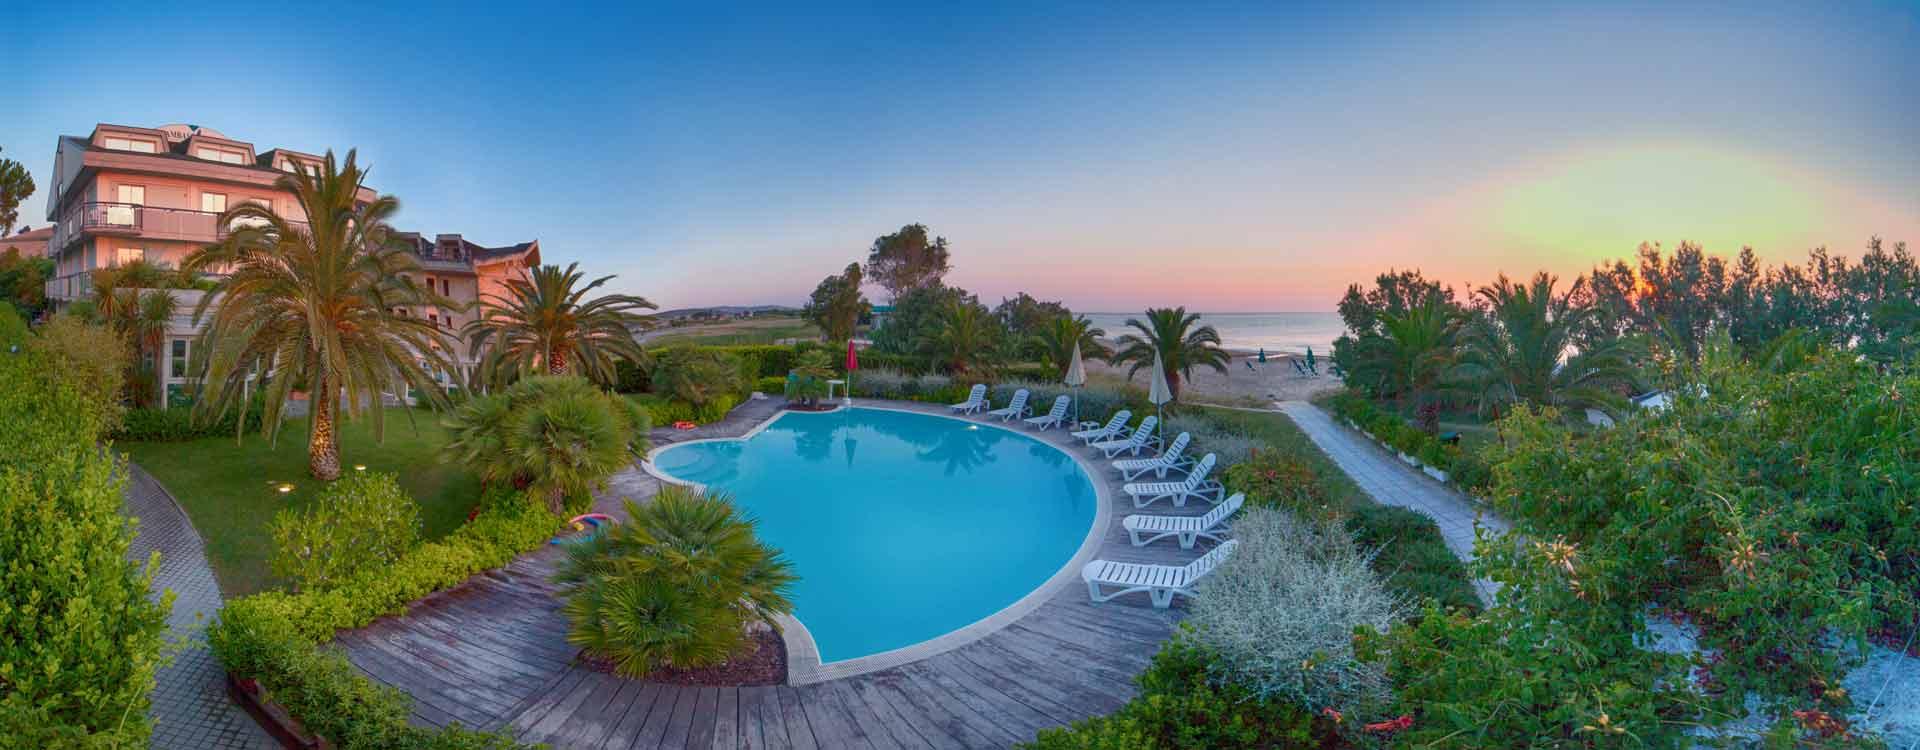 Hotel abruzzo ambasciatori albergo 4 stelle per vacanze for Hotel barcellona sul mare